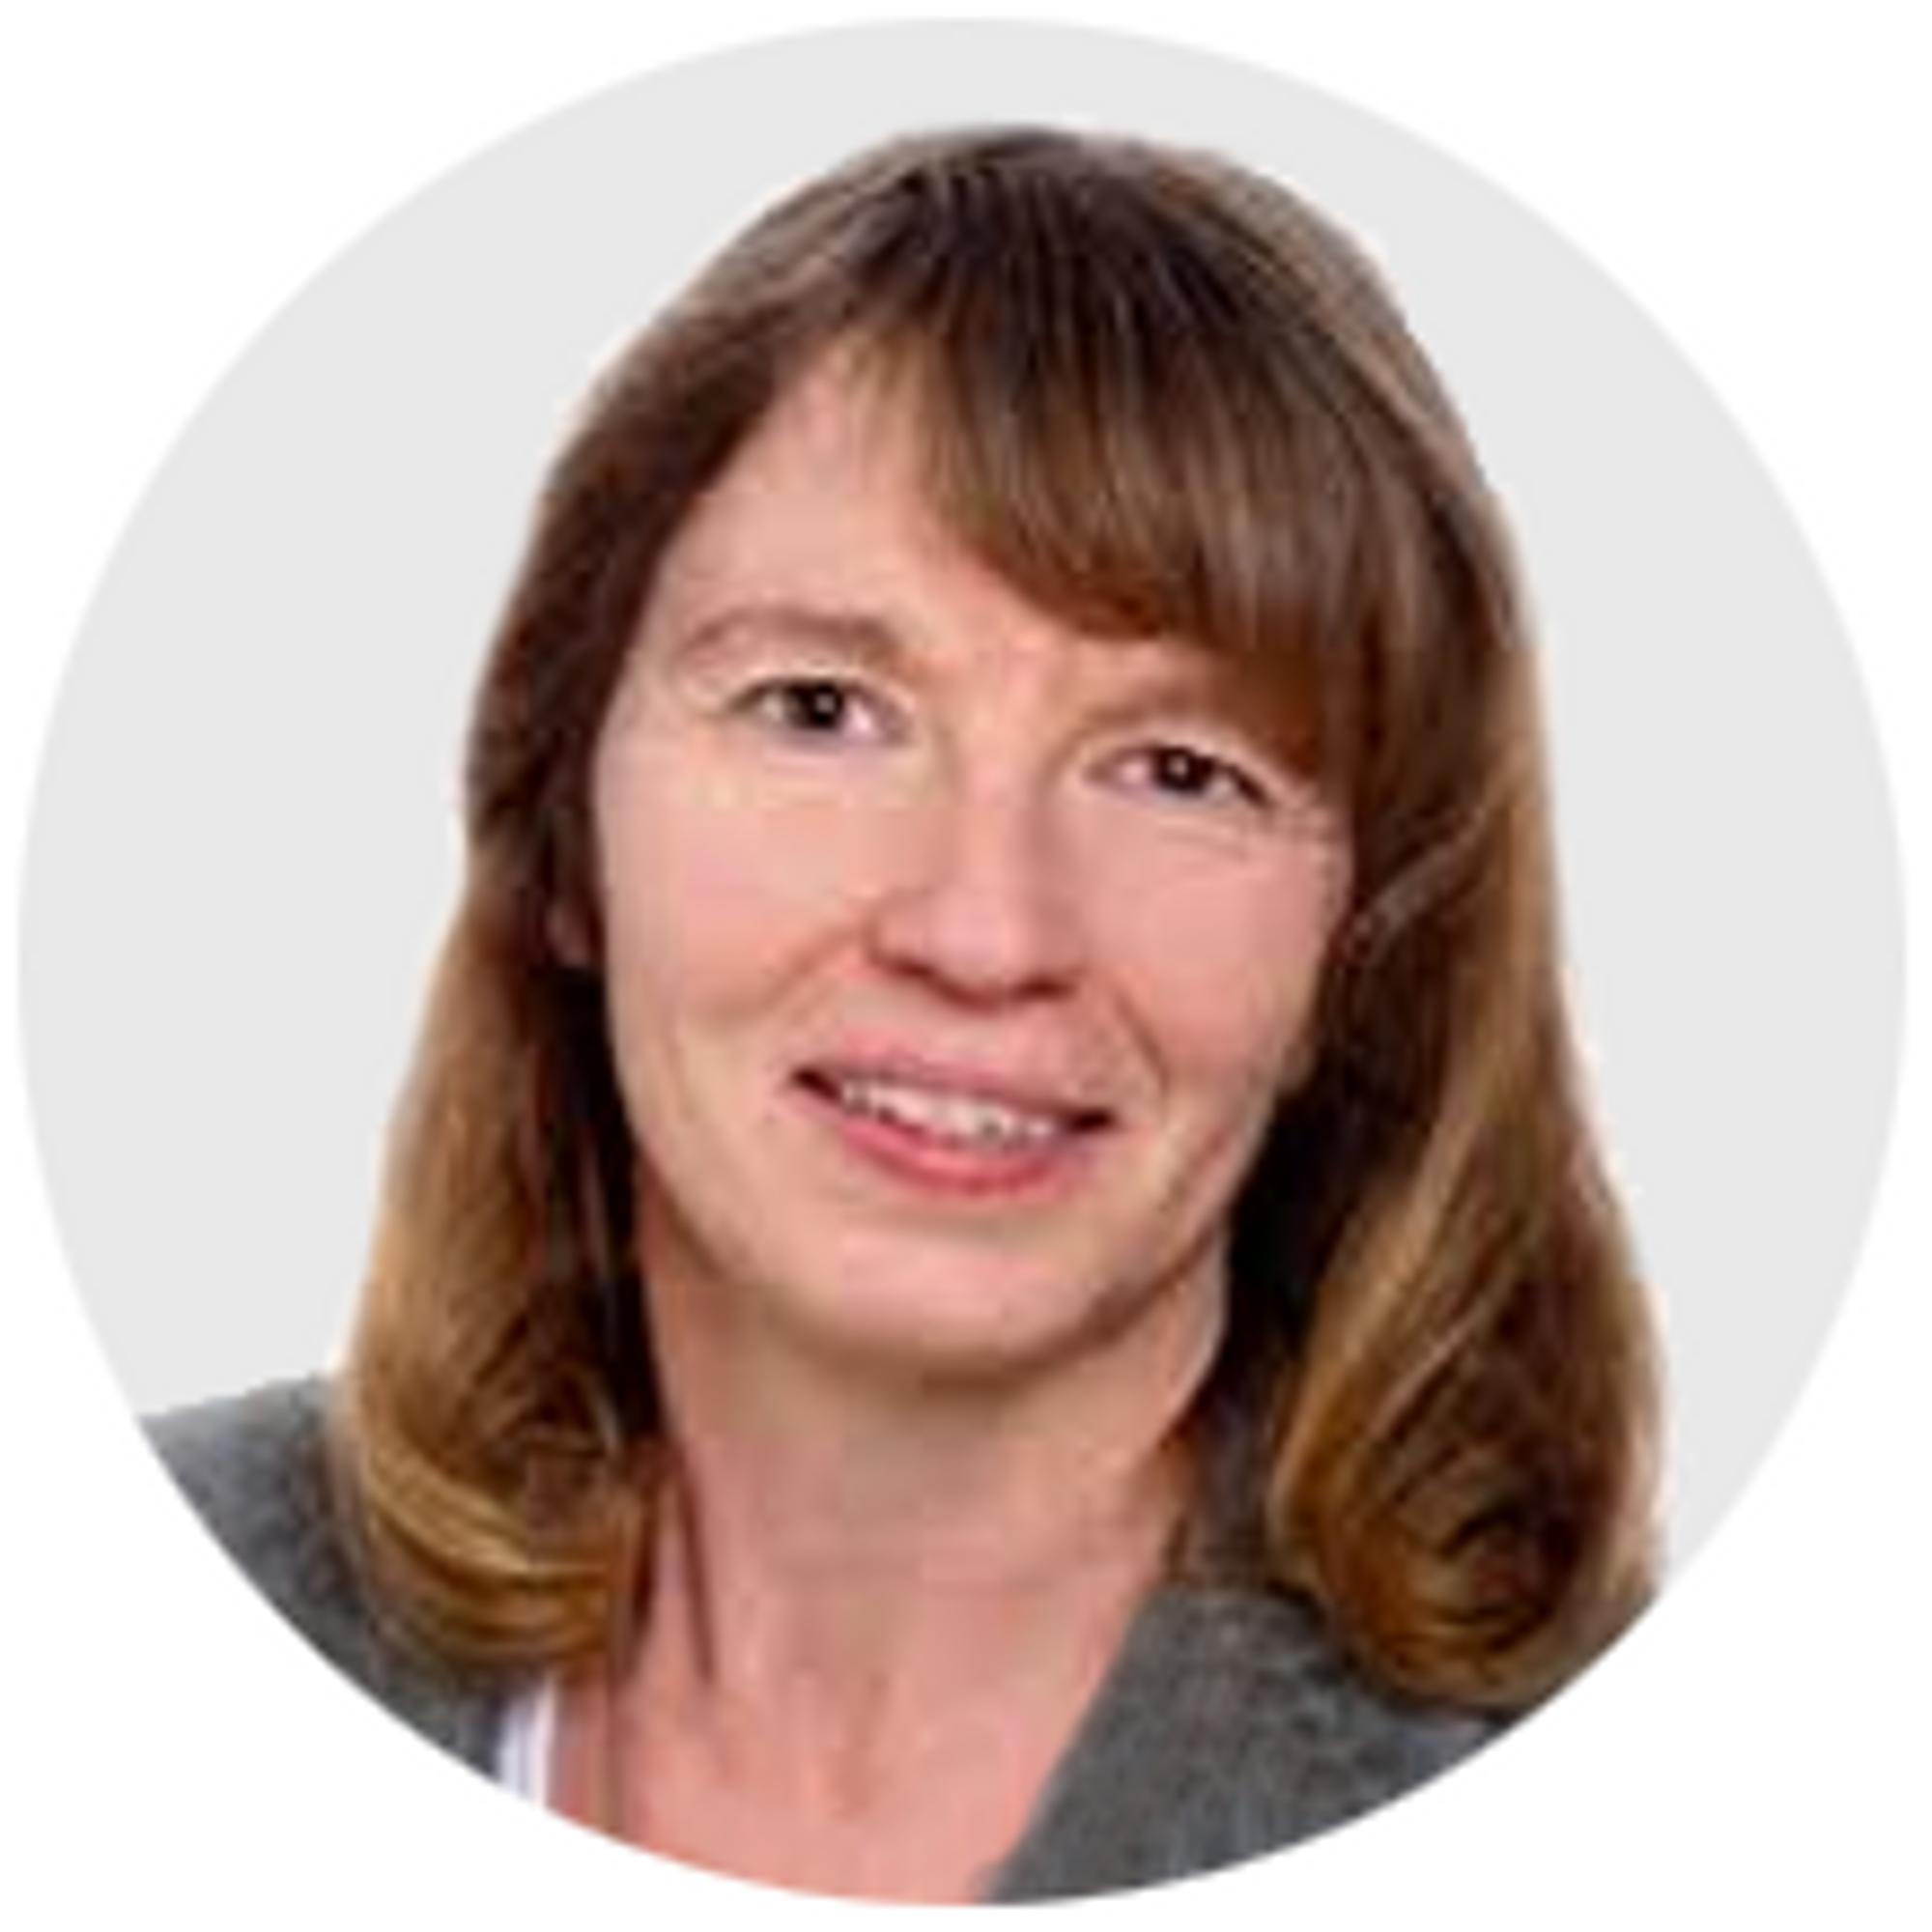 Sonja Monica Berlijn